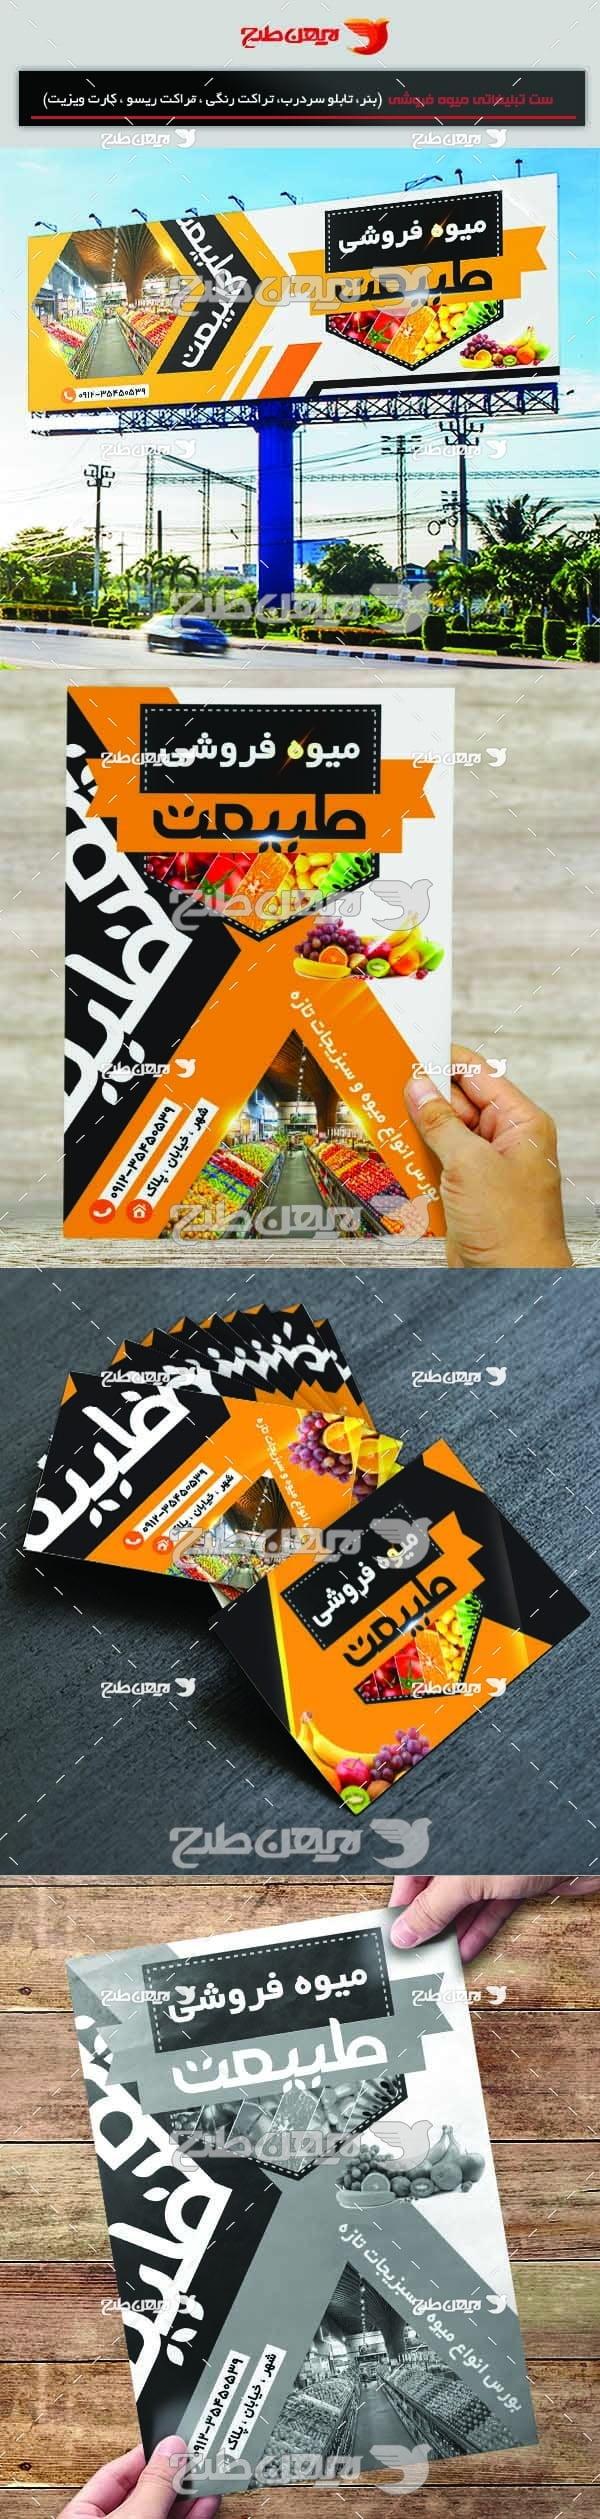 طرح لایه باز ست تبلیغاتی میوه فروشی